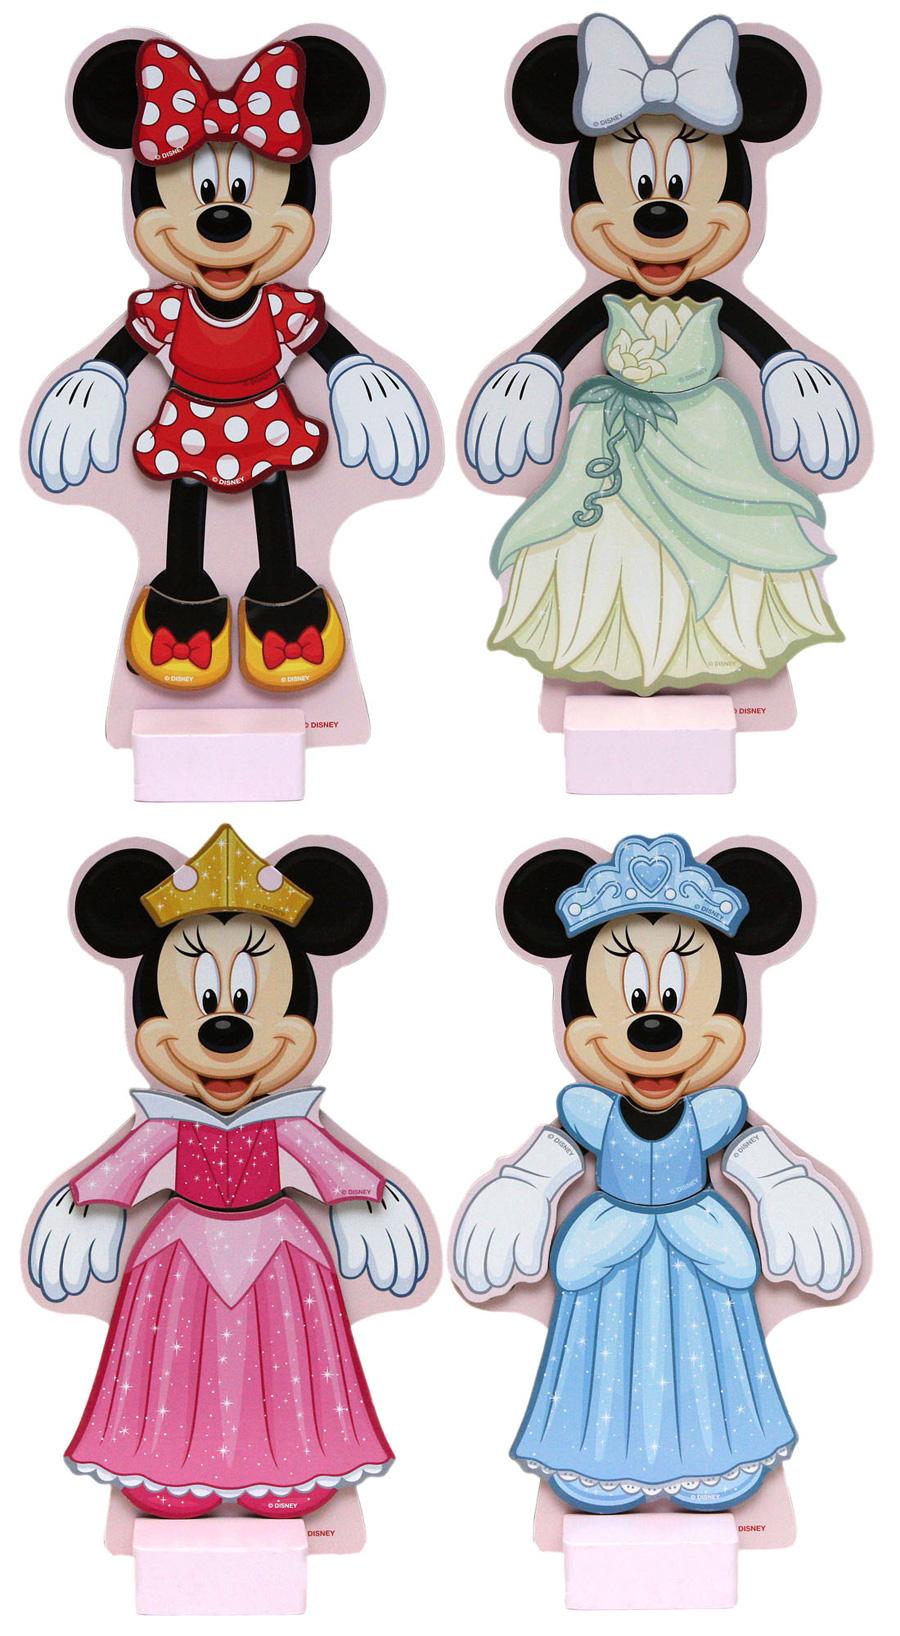 New Wooden Toys Add Nostalgia To Disney Parks Blog